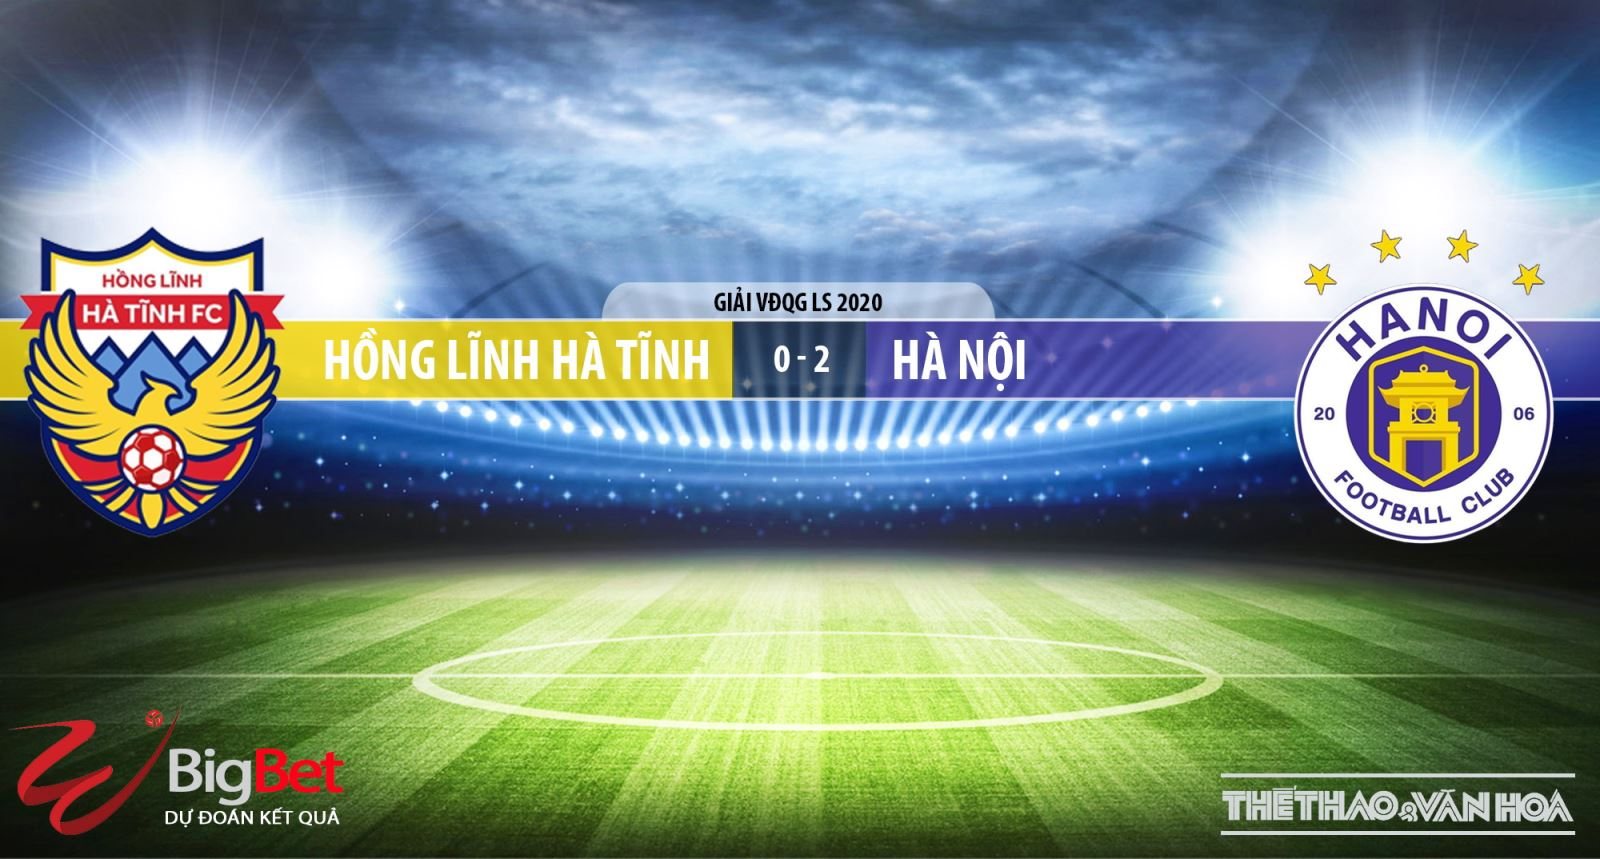 kèo bóng đá, bong da, nhận định, dự đoán, hà nội, hà tĩnh, Hồng Lĩnh Hà Tĩnh vs Hà Nội, V-League